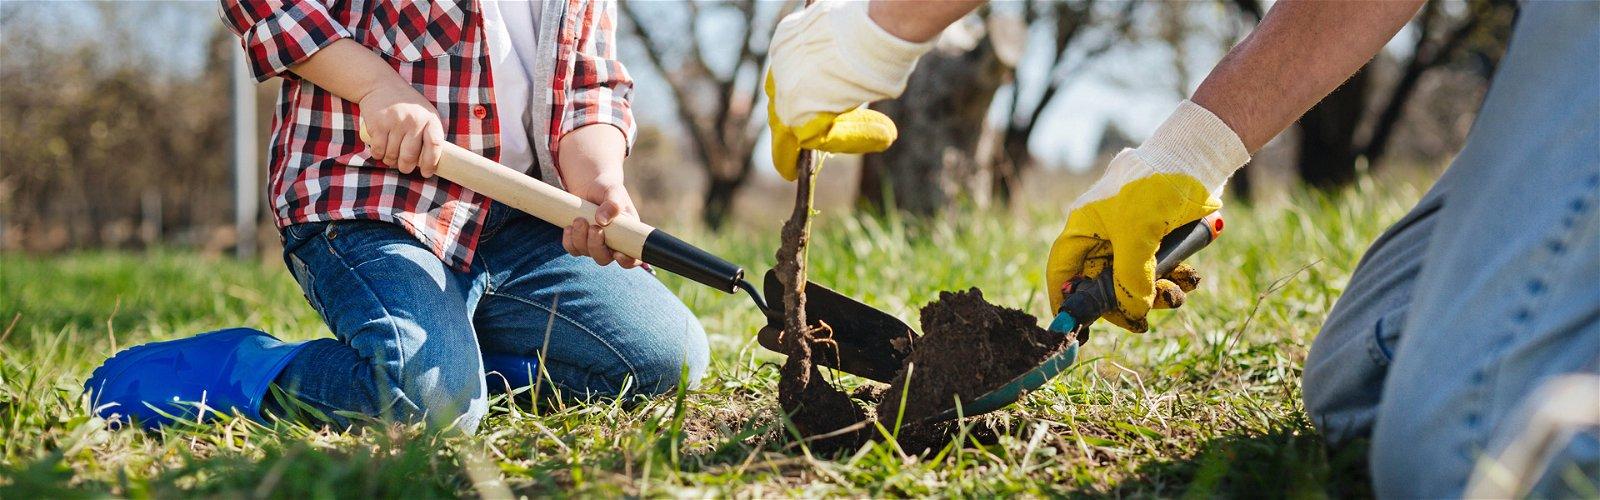 Plantning af frugttræ